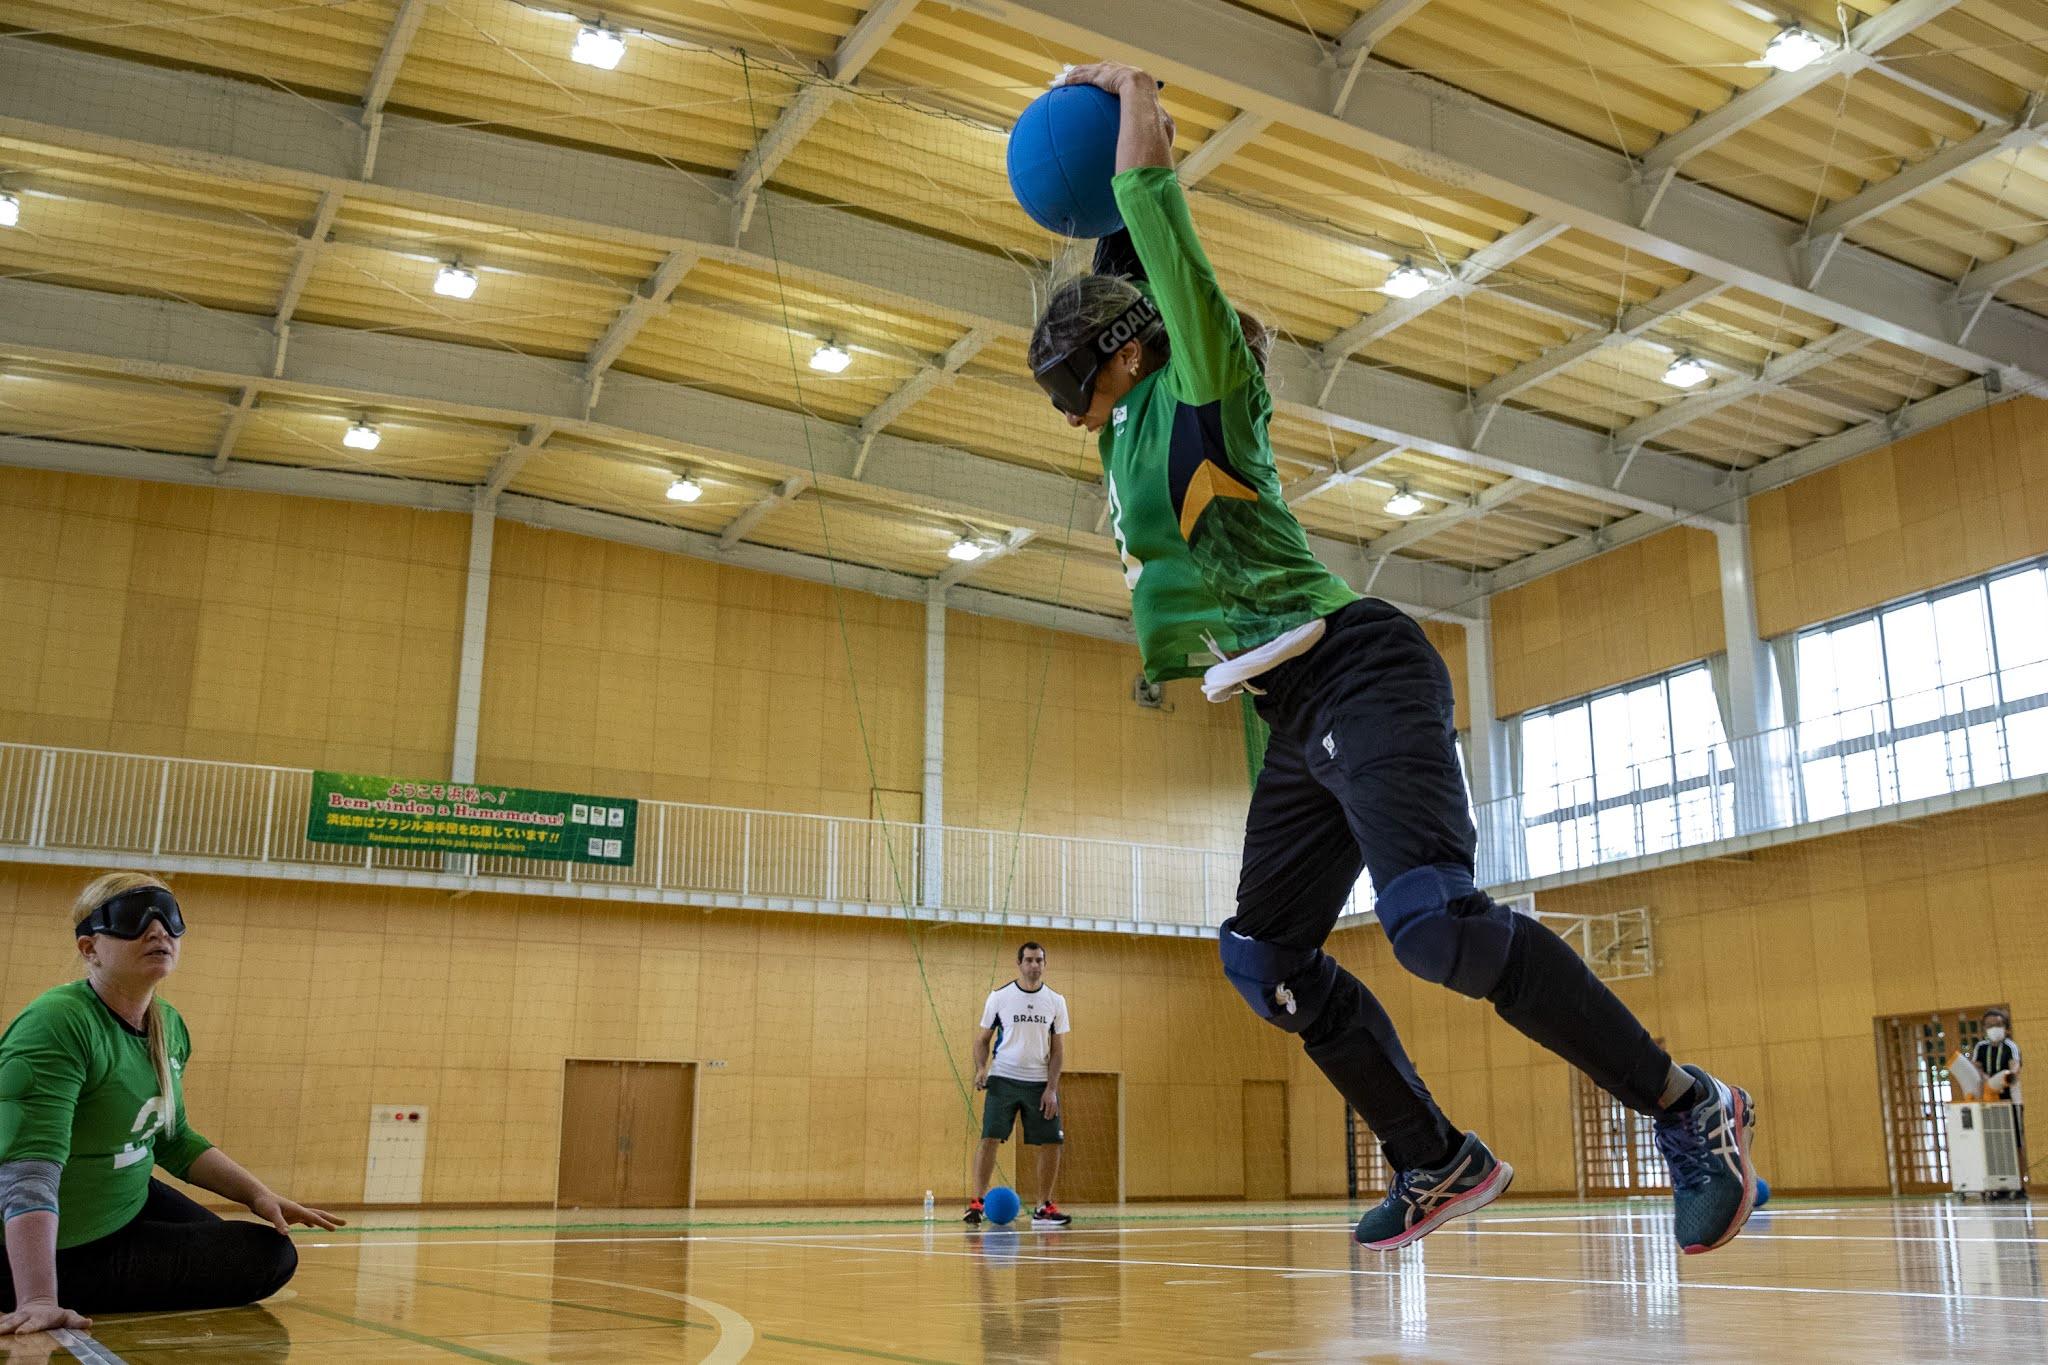 Jogadora brasileira com a bola acima da cabeça se preparando para um arremesso durante treinamento